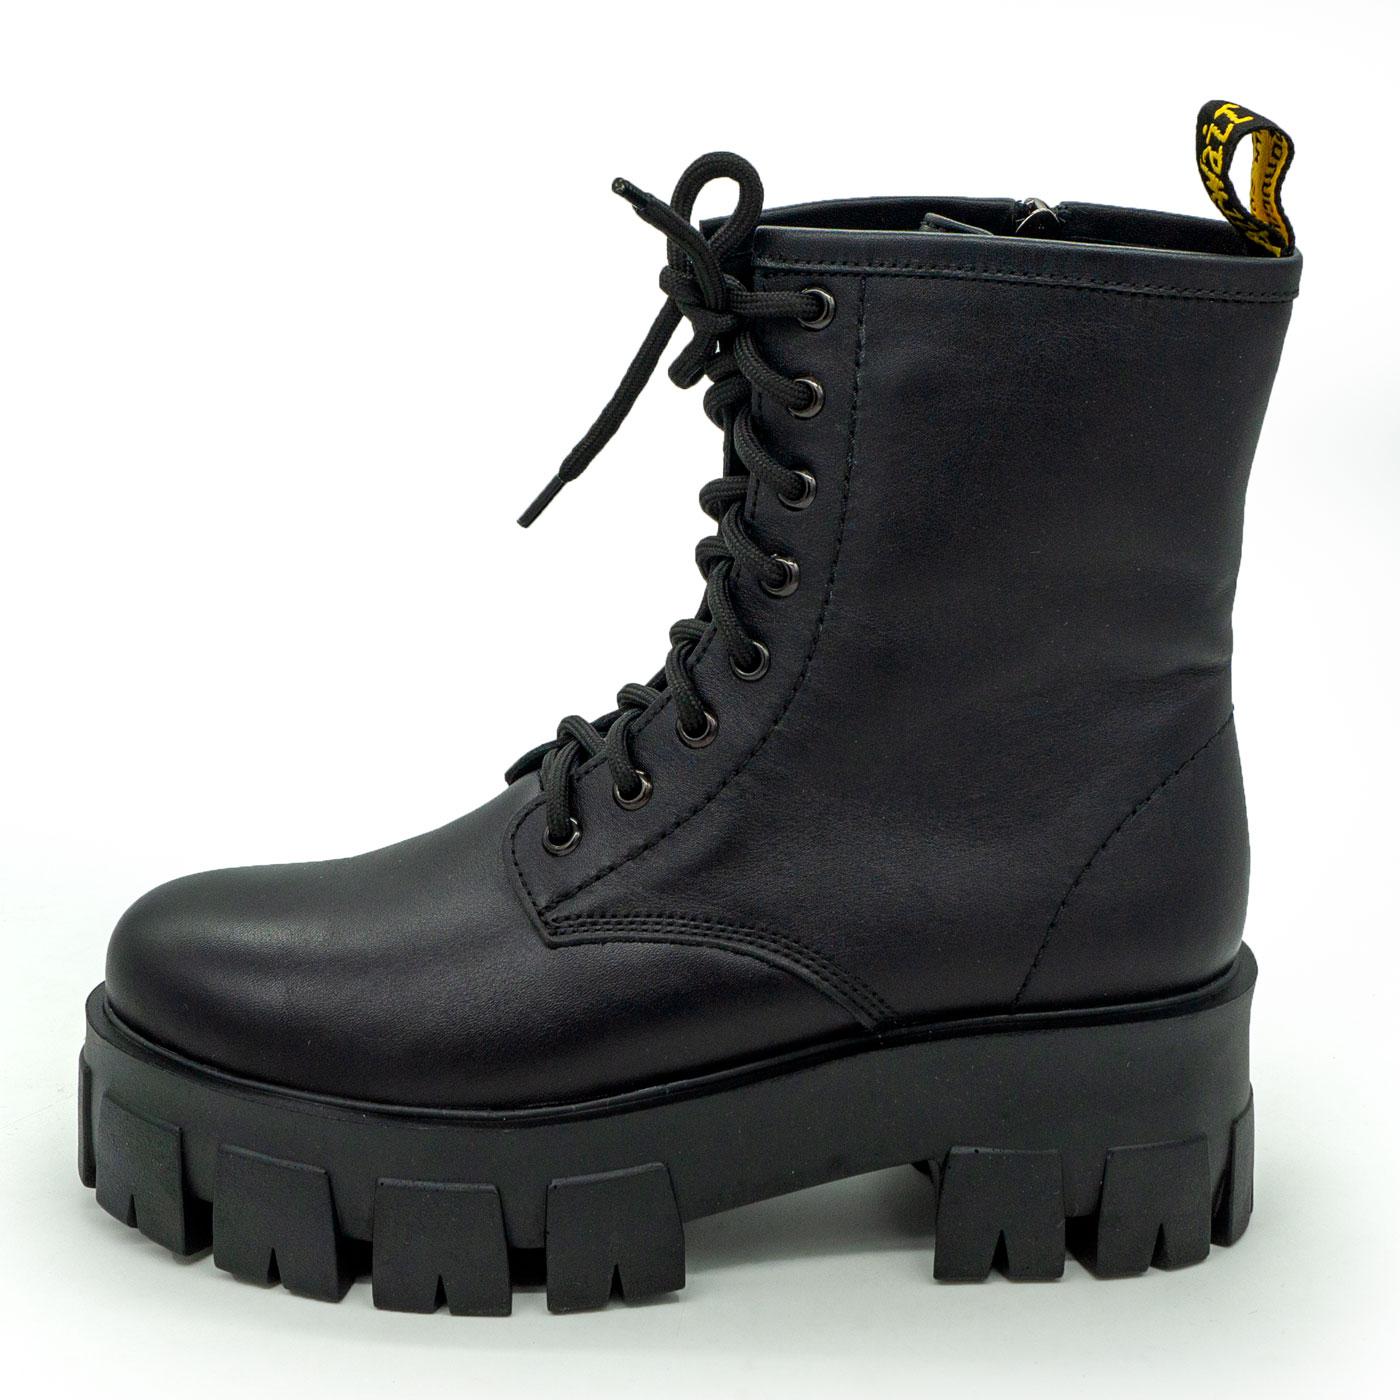 фото main Зимние черные женские ботинки в Dr. Martens на платформе - 004 main